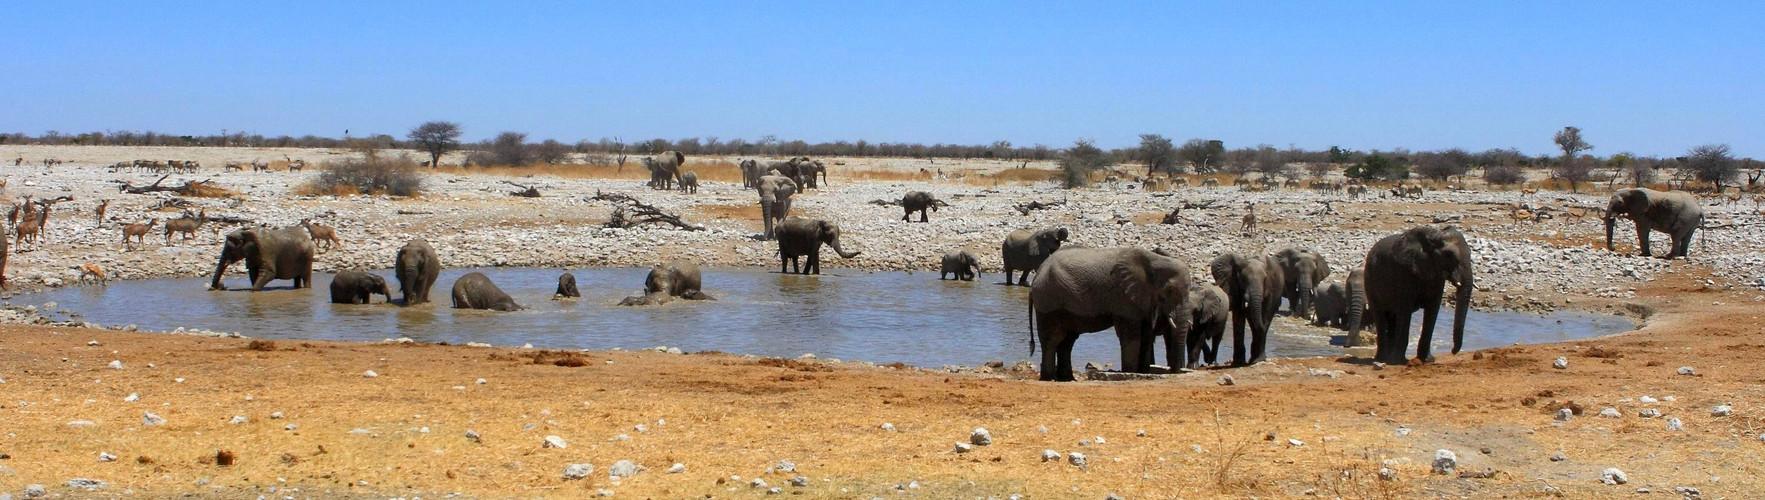 Elefantenzeit am Wasserloch...